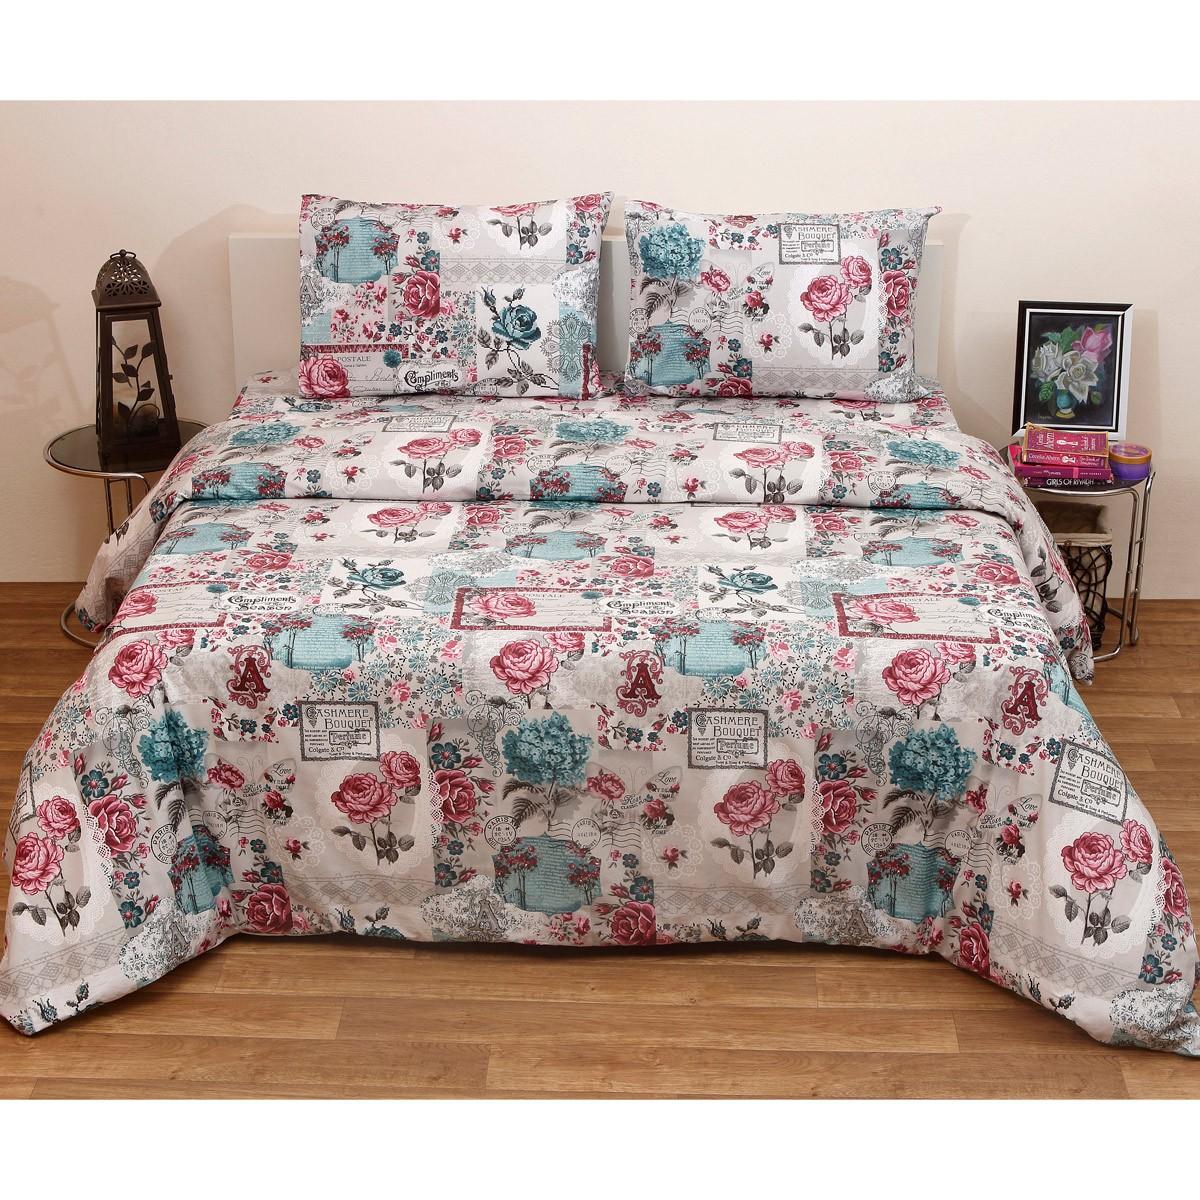 Σεντόνια Ημίδιπλα (Σετ) Viopros Fresh Ροζάνα home   κρεβατοκάμαρα   σεντόνια   σεντόνια ημίδιπλα   διπλά